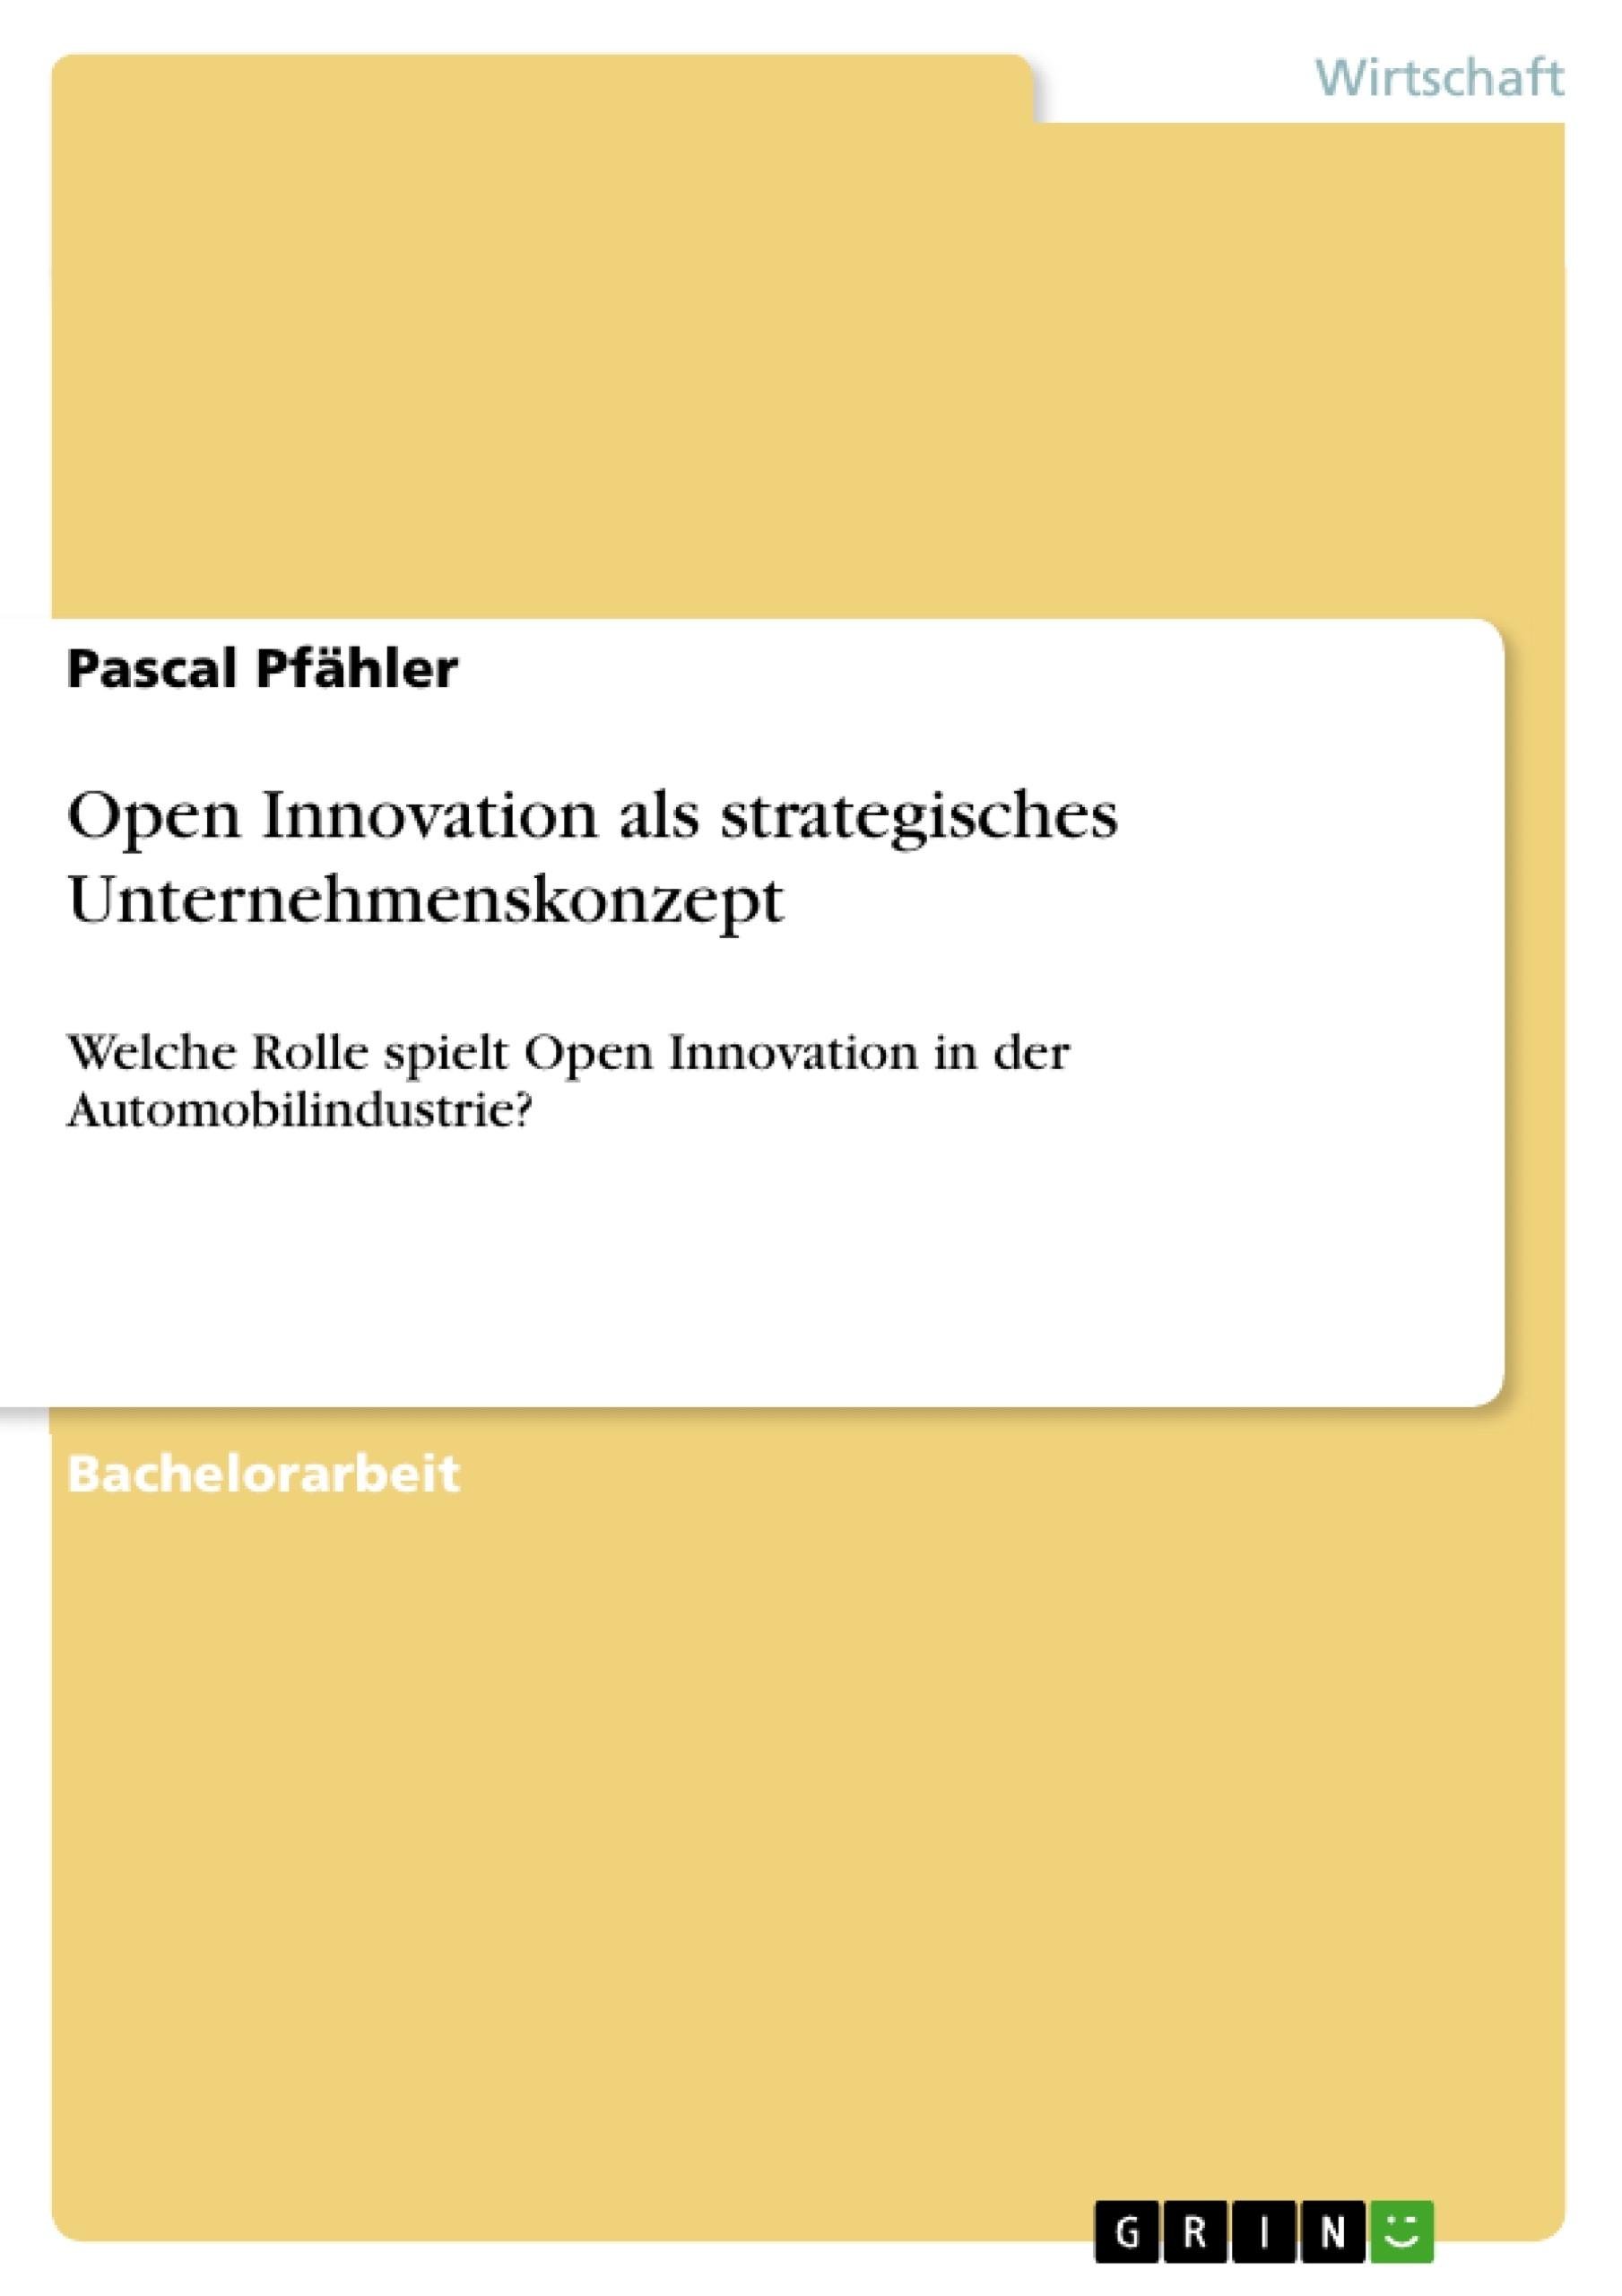 Titel: Open Innovation als strategisches Unternehmenskonzept